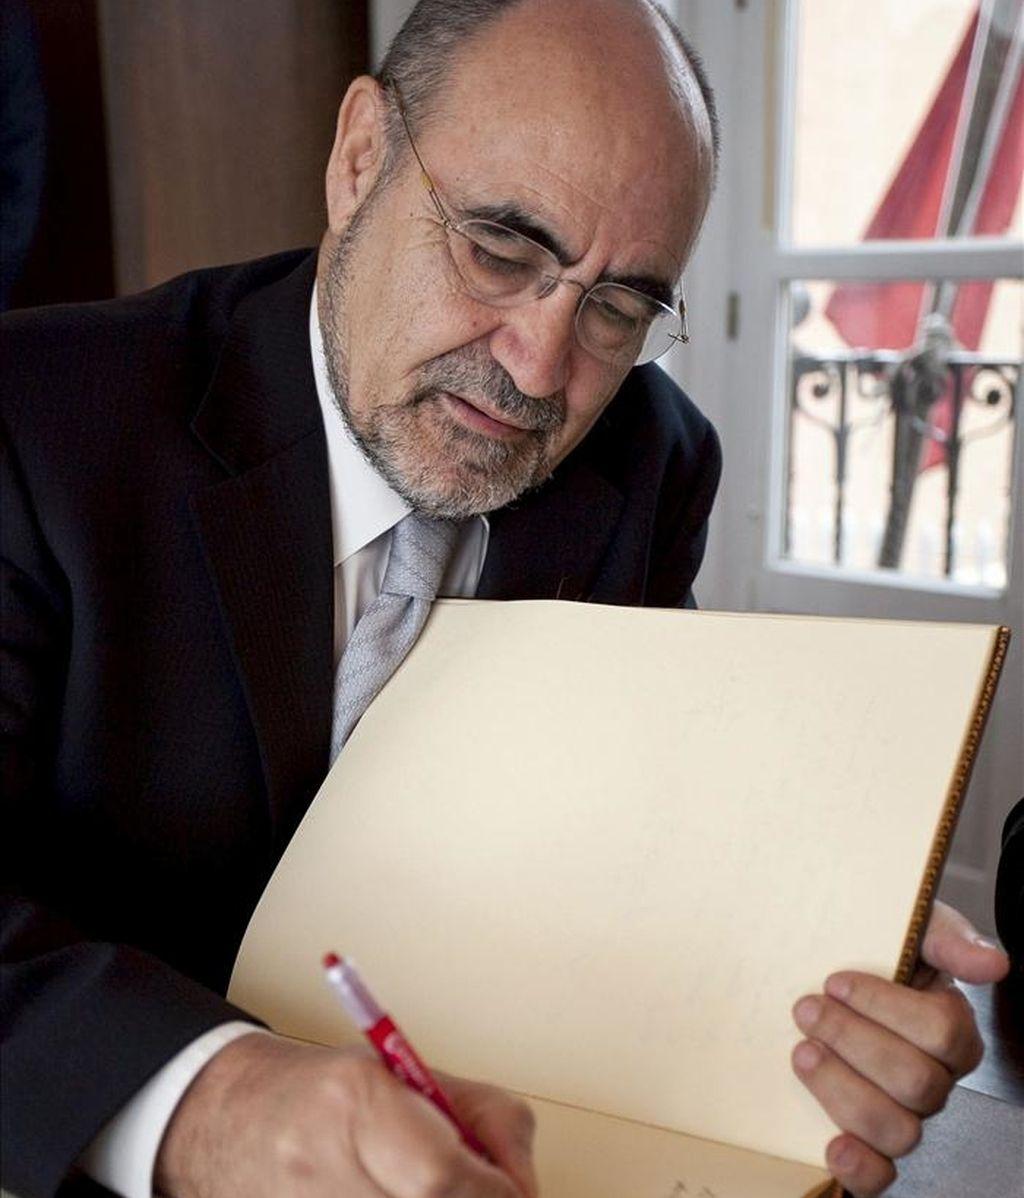 El director general de Industria del Ministerio de Industria, Turismo y Comercio, Jesús Candil. EFE/Archivo